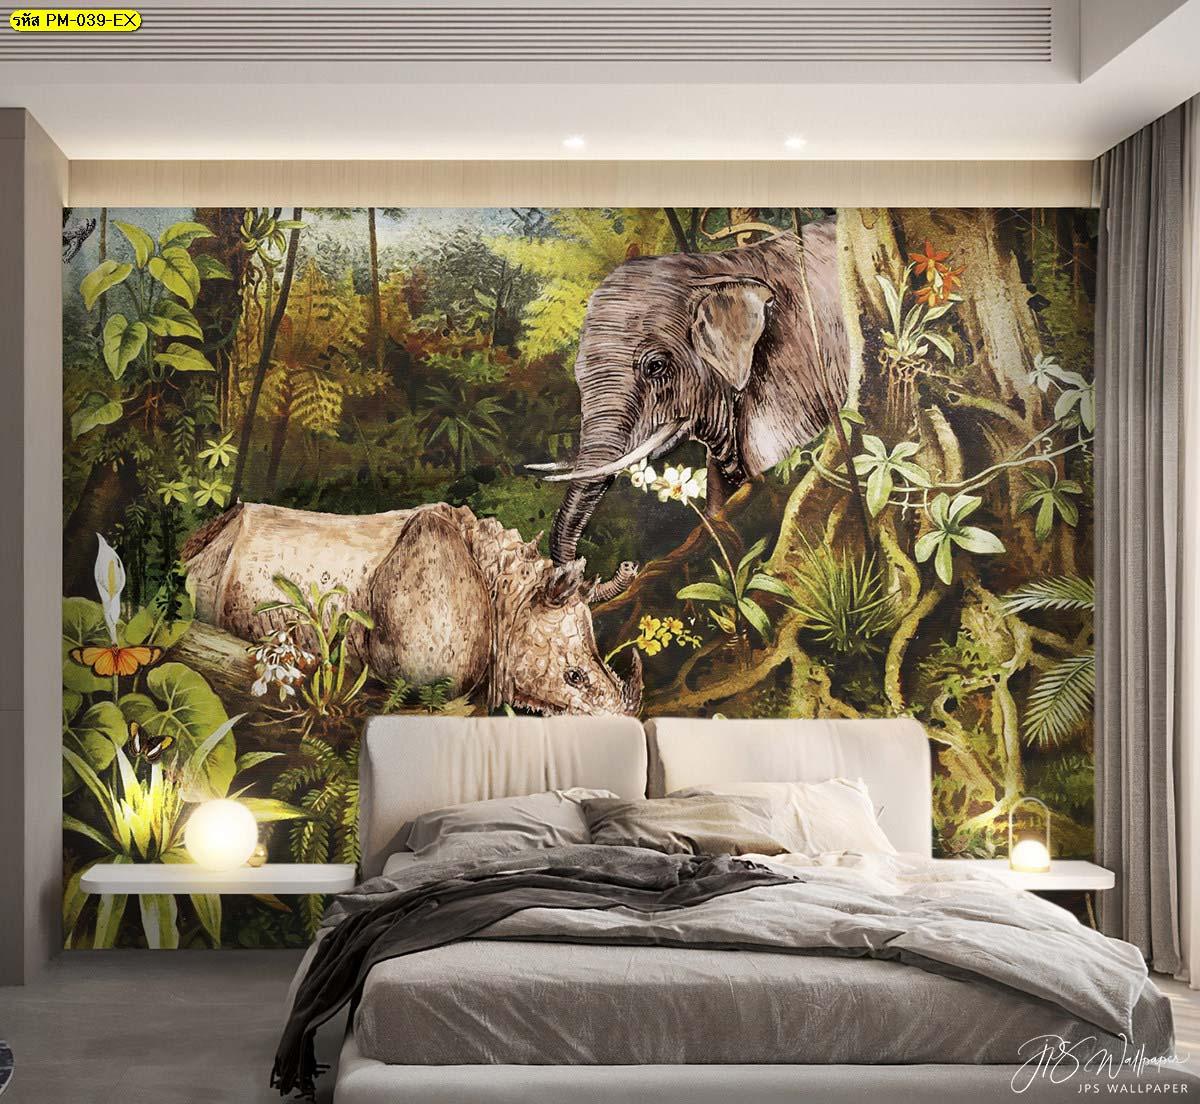 วอลเปเปอร์ติดผนังช้าง ไอเดียติดวอลเปเปอร์ห้องนอน ไอเดียการแต่งห้องนอน